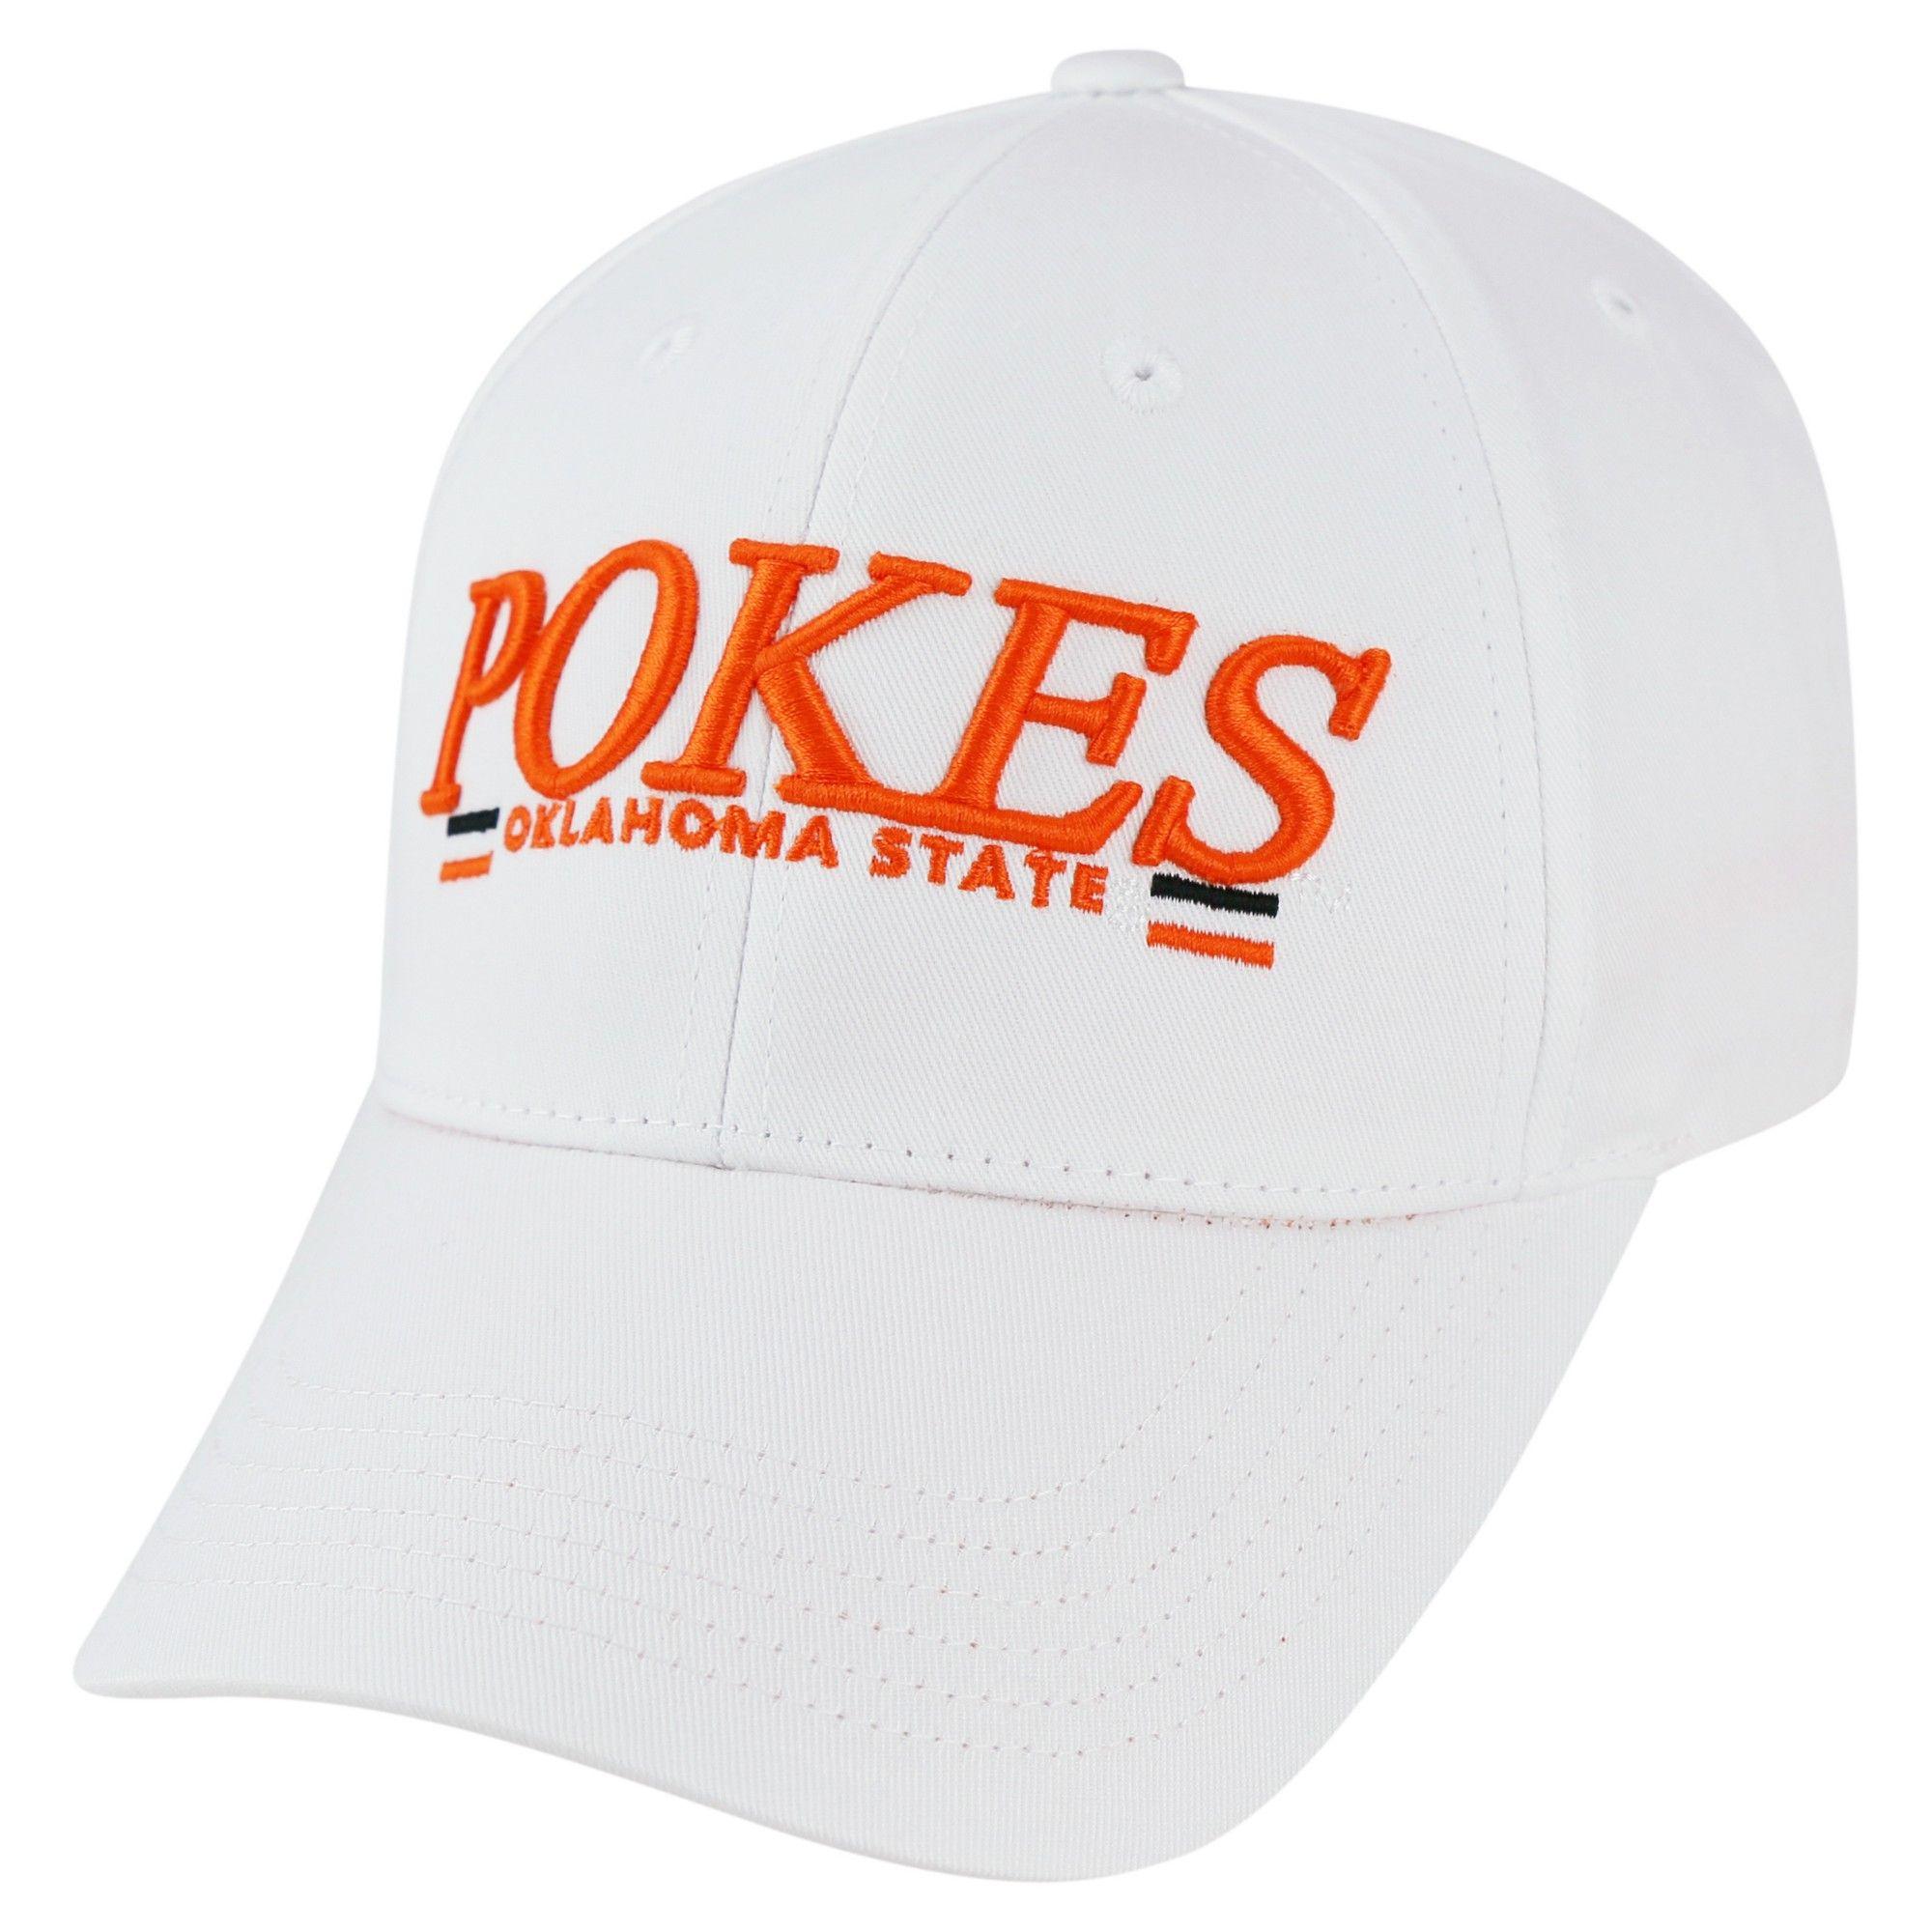 check out 85e41 64341 ... free shipping baseball hats ncaa oklahoma state cowboys white e3552  b5efa